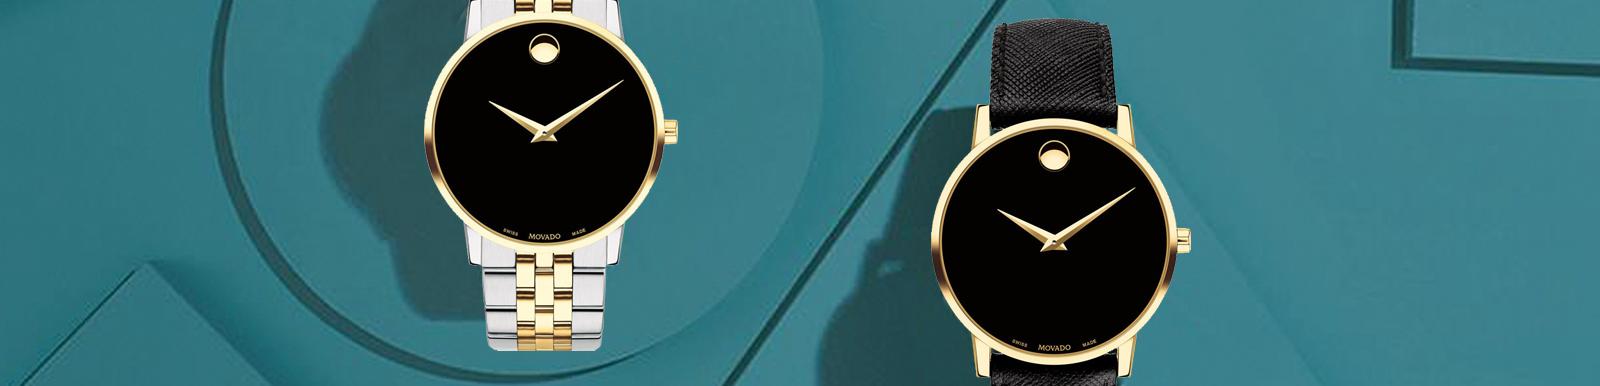 Bộ sưu tập đồng hồ Movado Automatic 1881 cao cấp tại Việt Nam